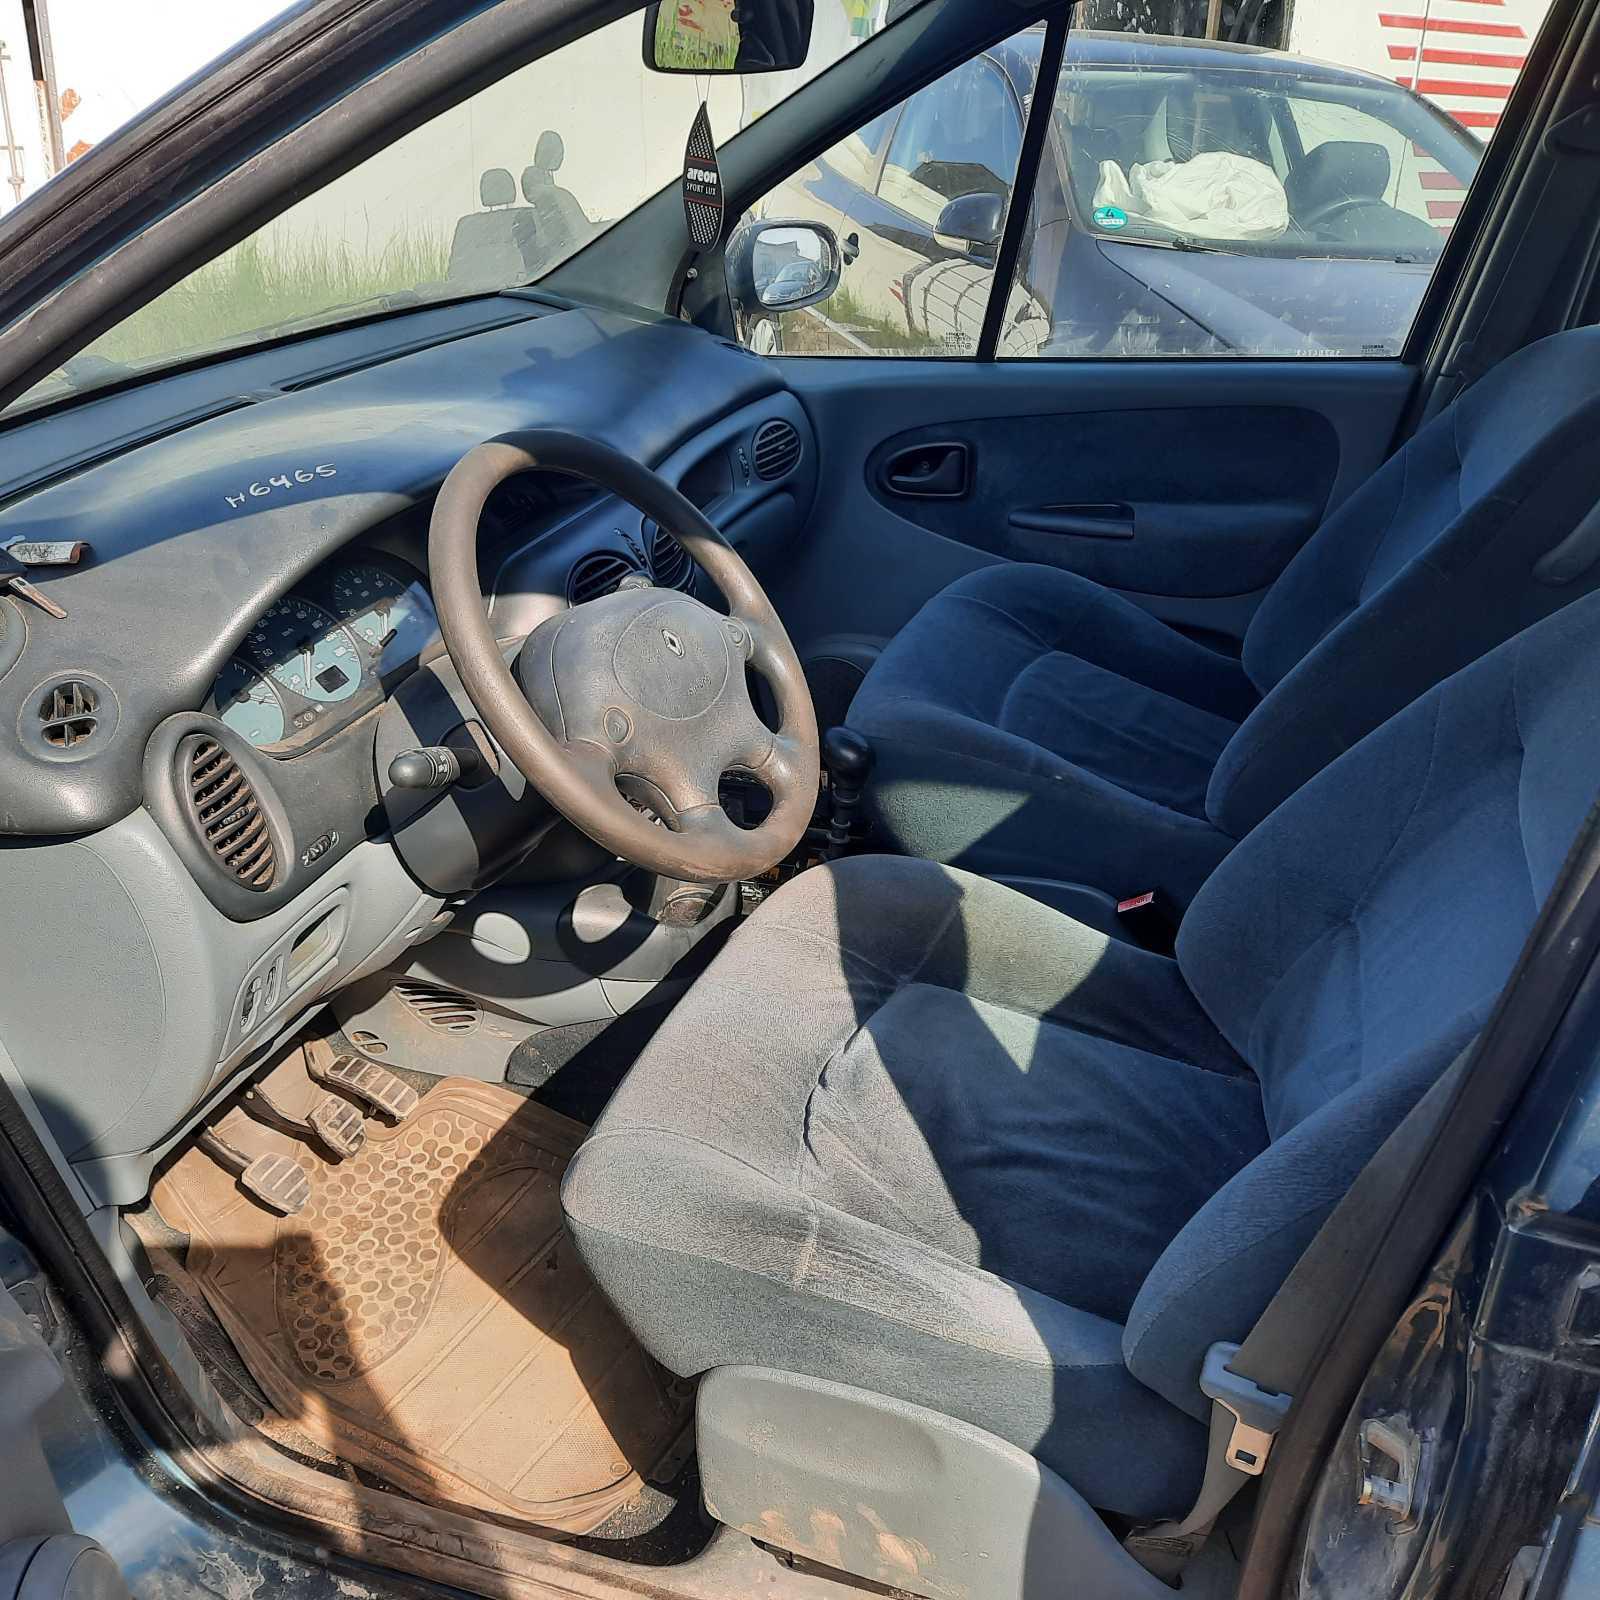 Подержанные Автозапчасти Renault SCENIC 1997 1.6 машиностроение минивэн 4/5 d. зеленый 2021-7-23